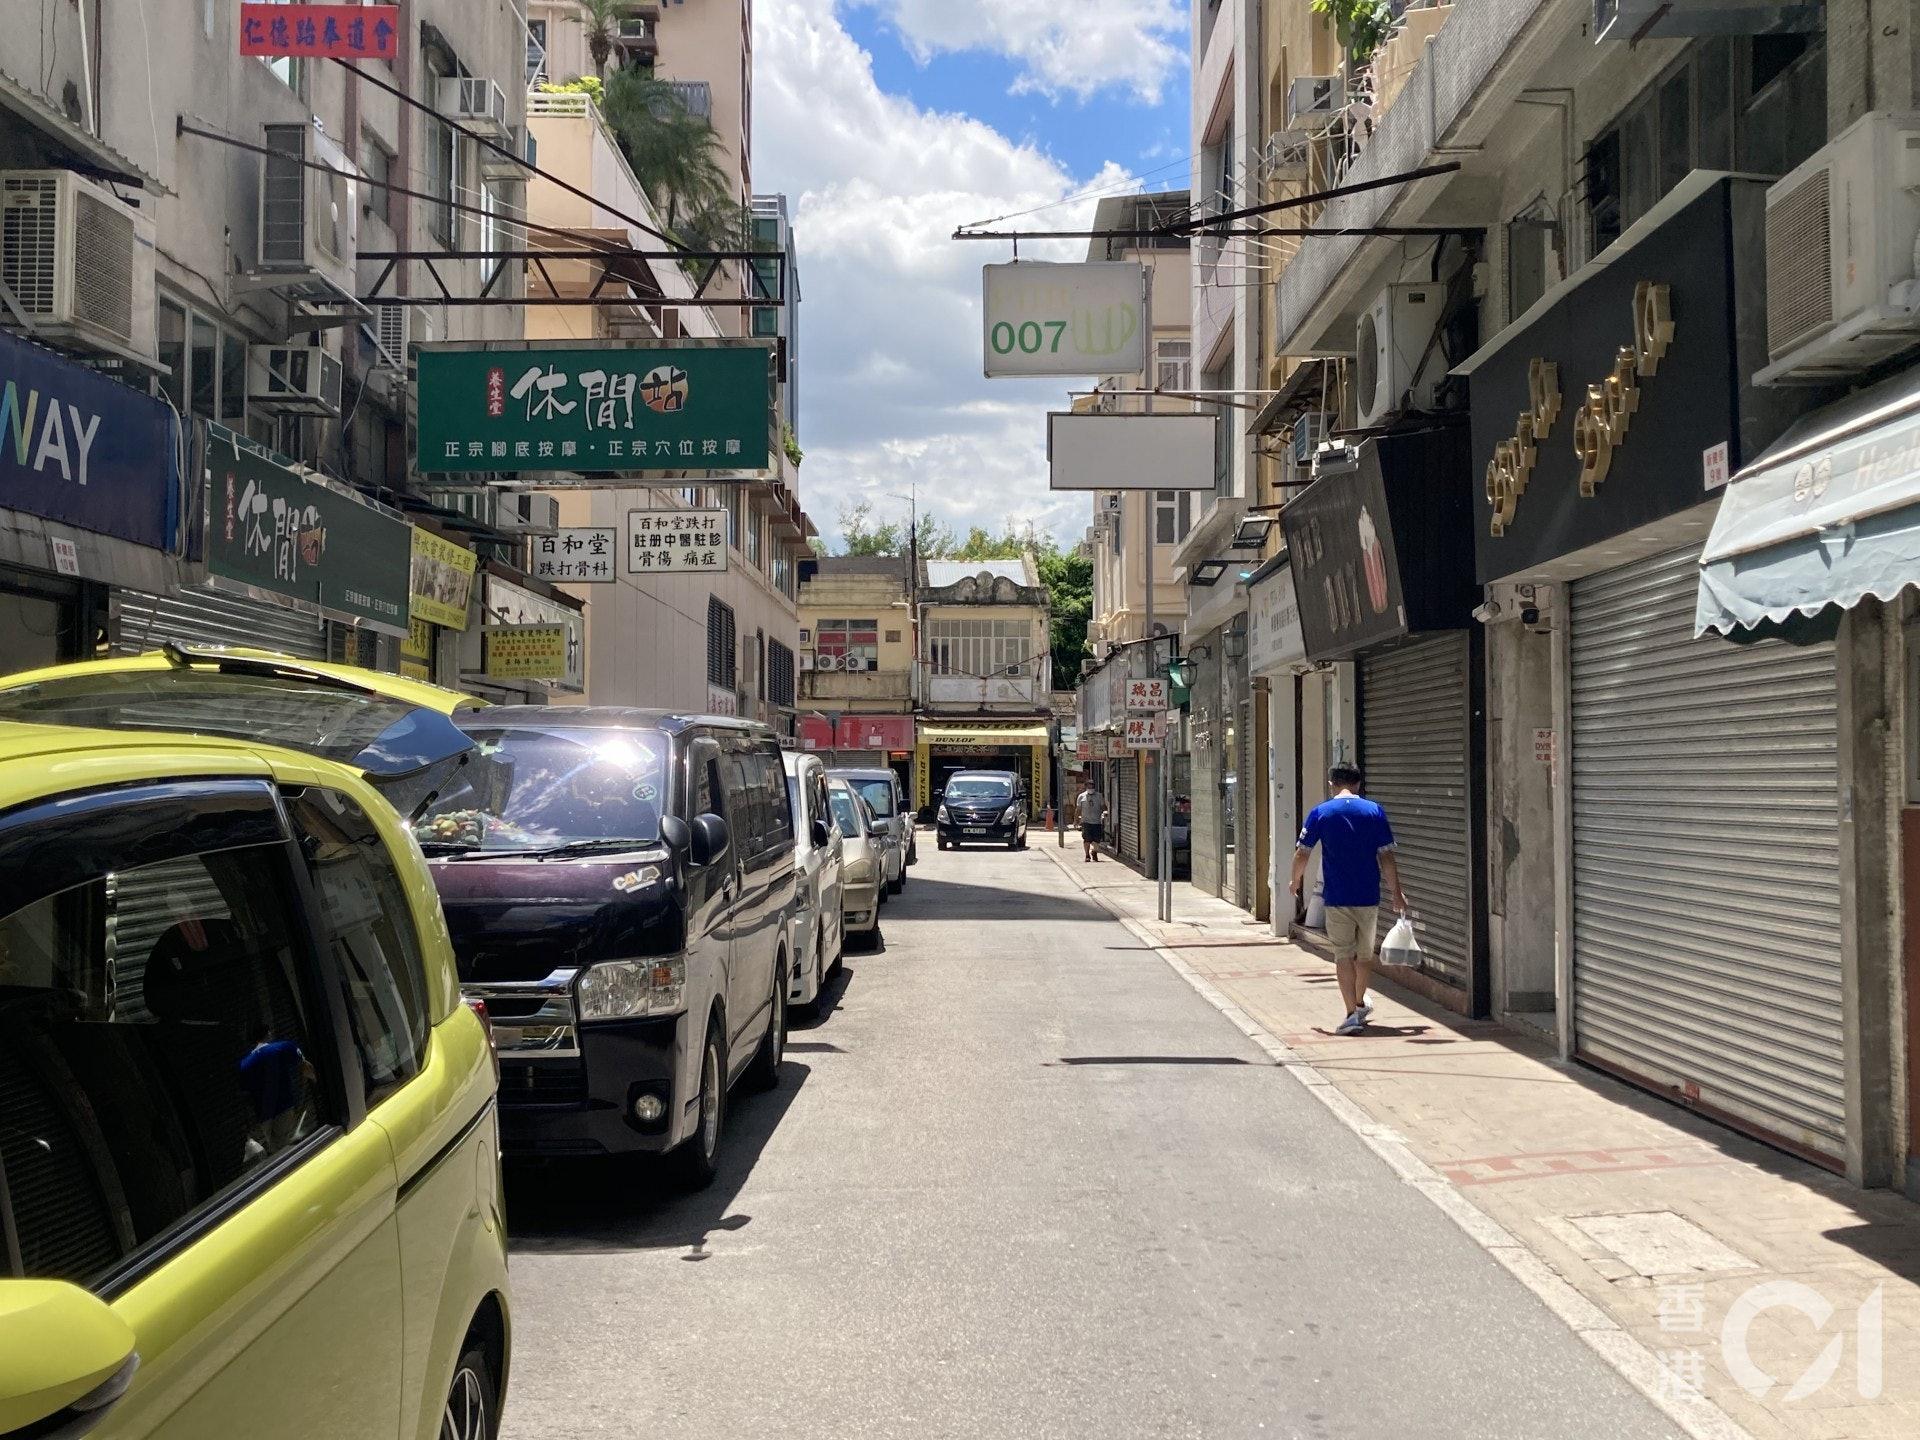 記者昨日(30日)到上水觀察,發現街道上人流稀少。(歐陽德浩攝)